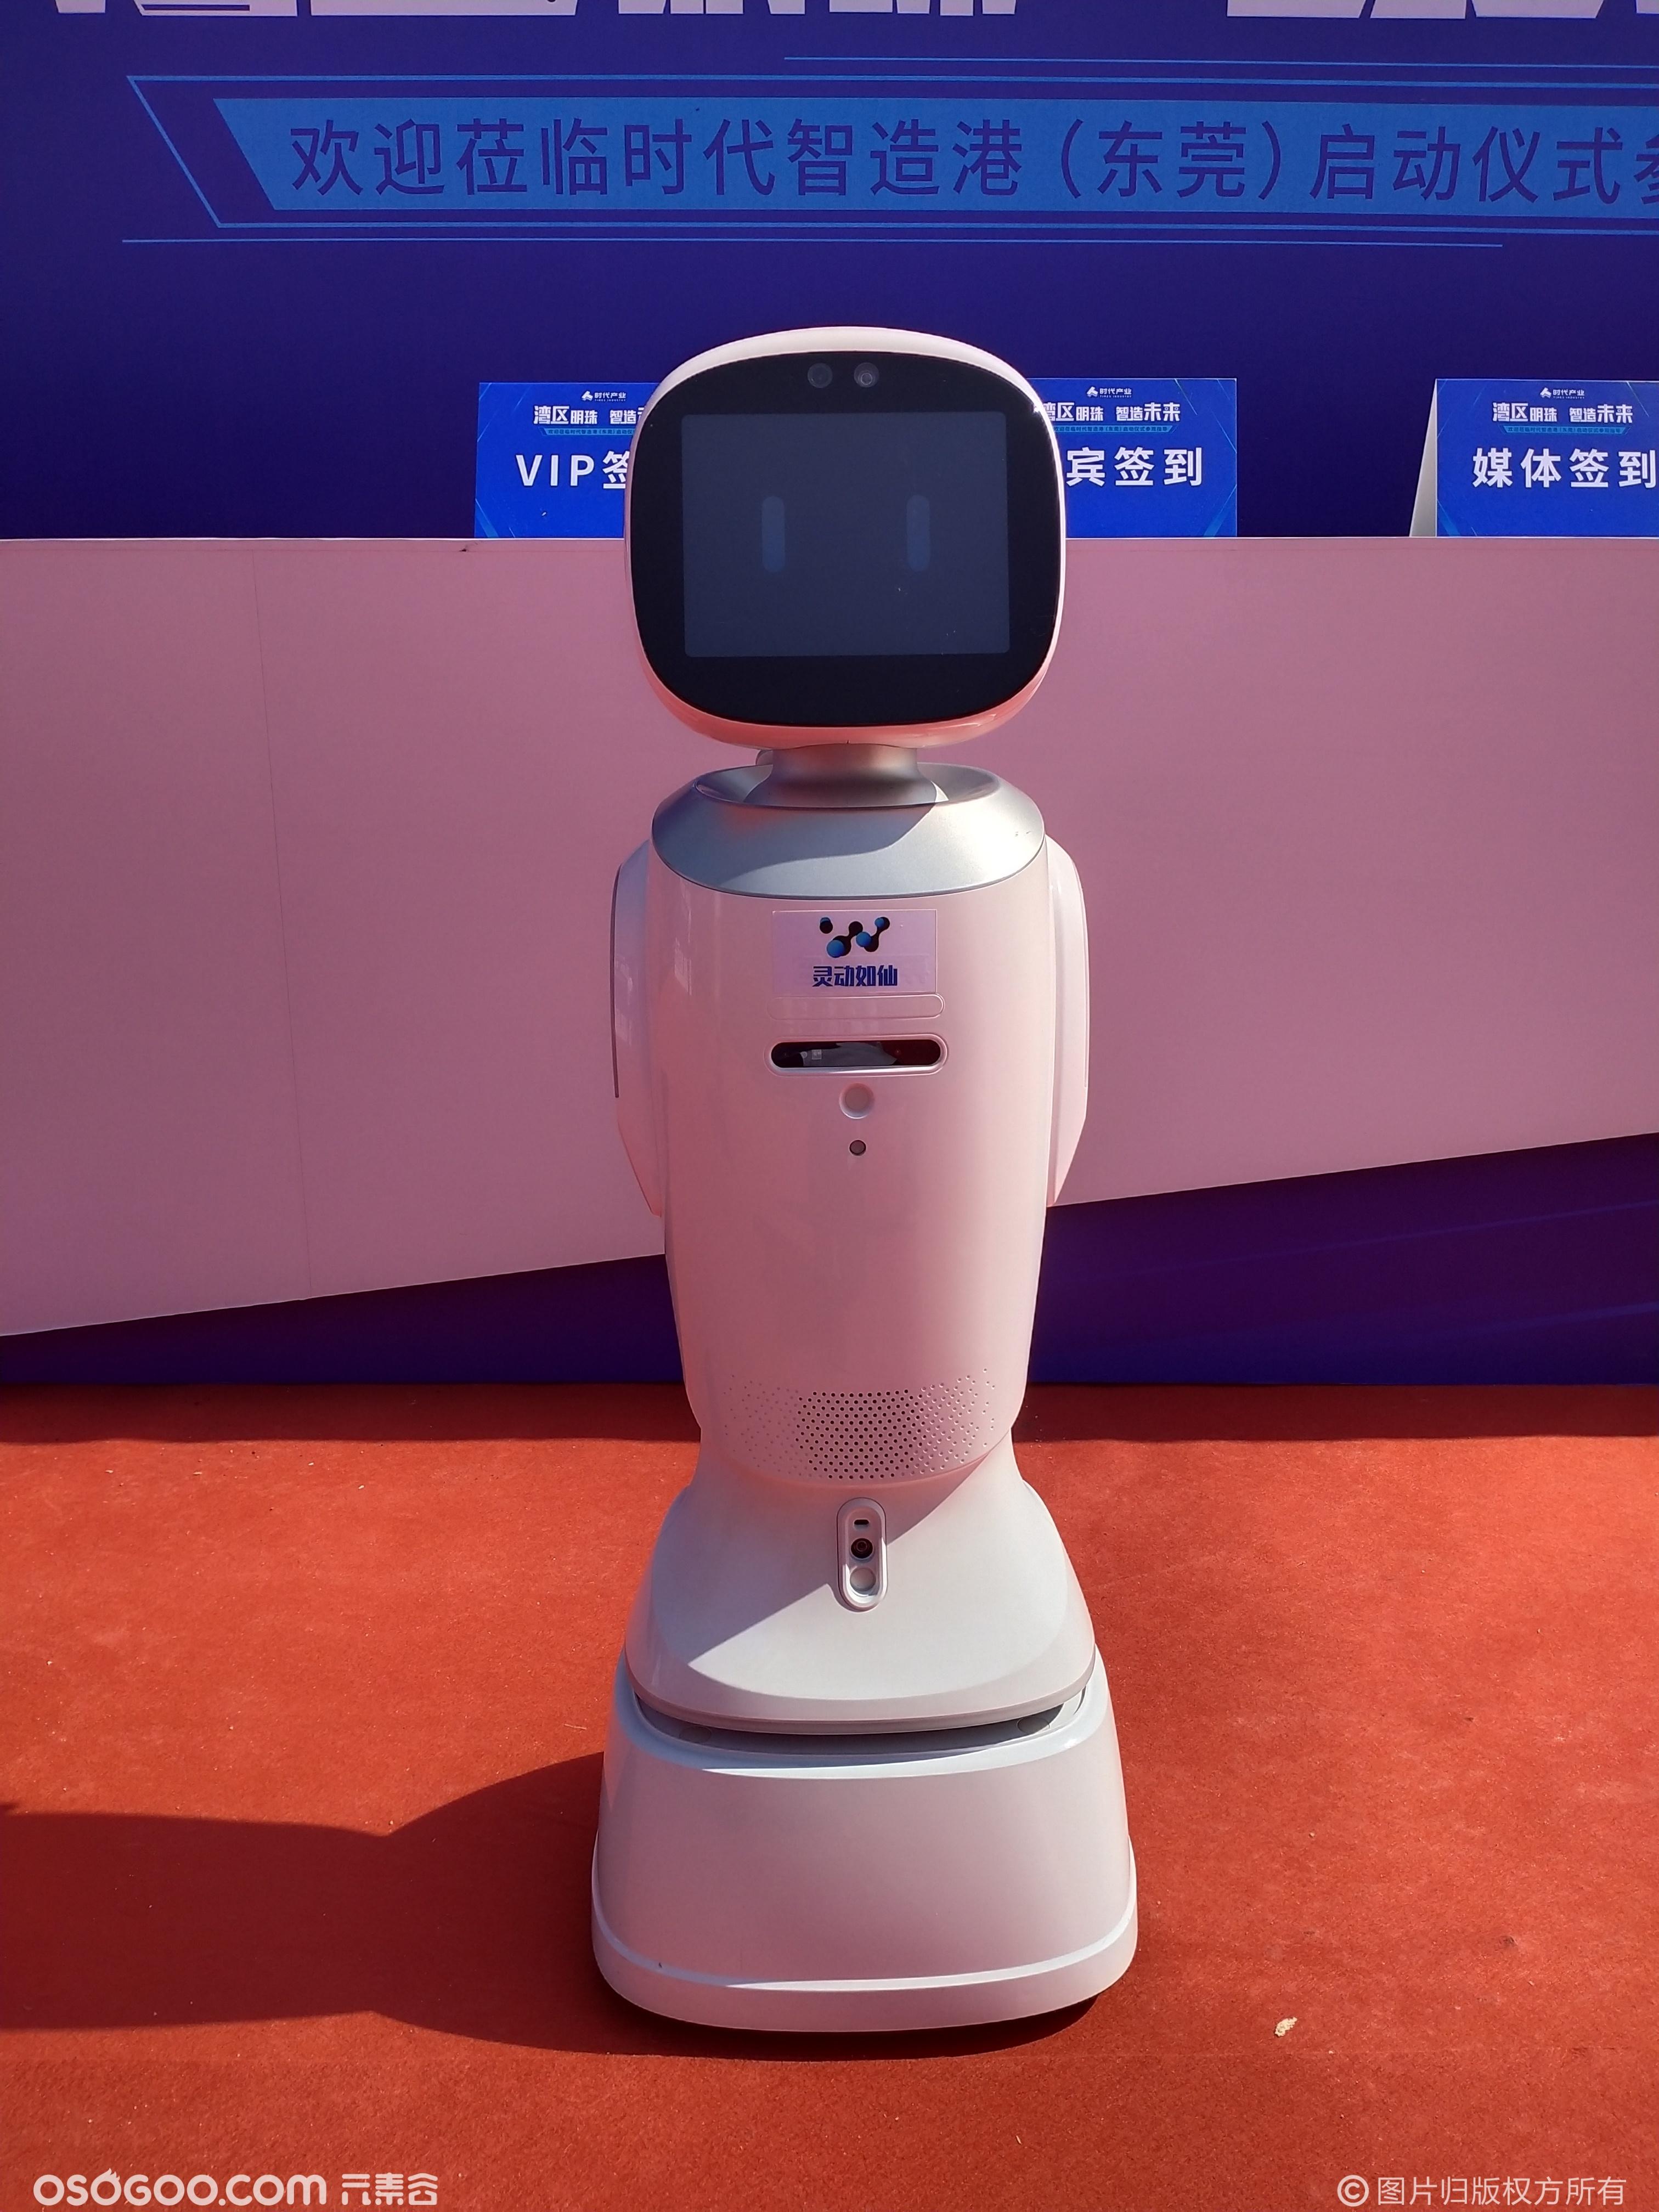 浙江杭州嘉兴宁波金华义乌湖州台州房地产嘉年华机器人租赁